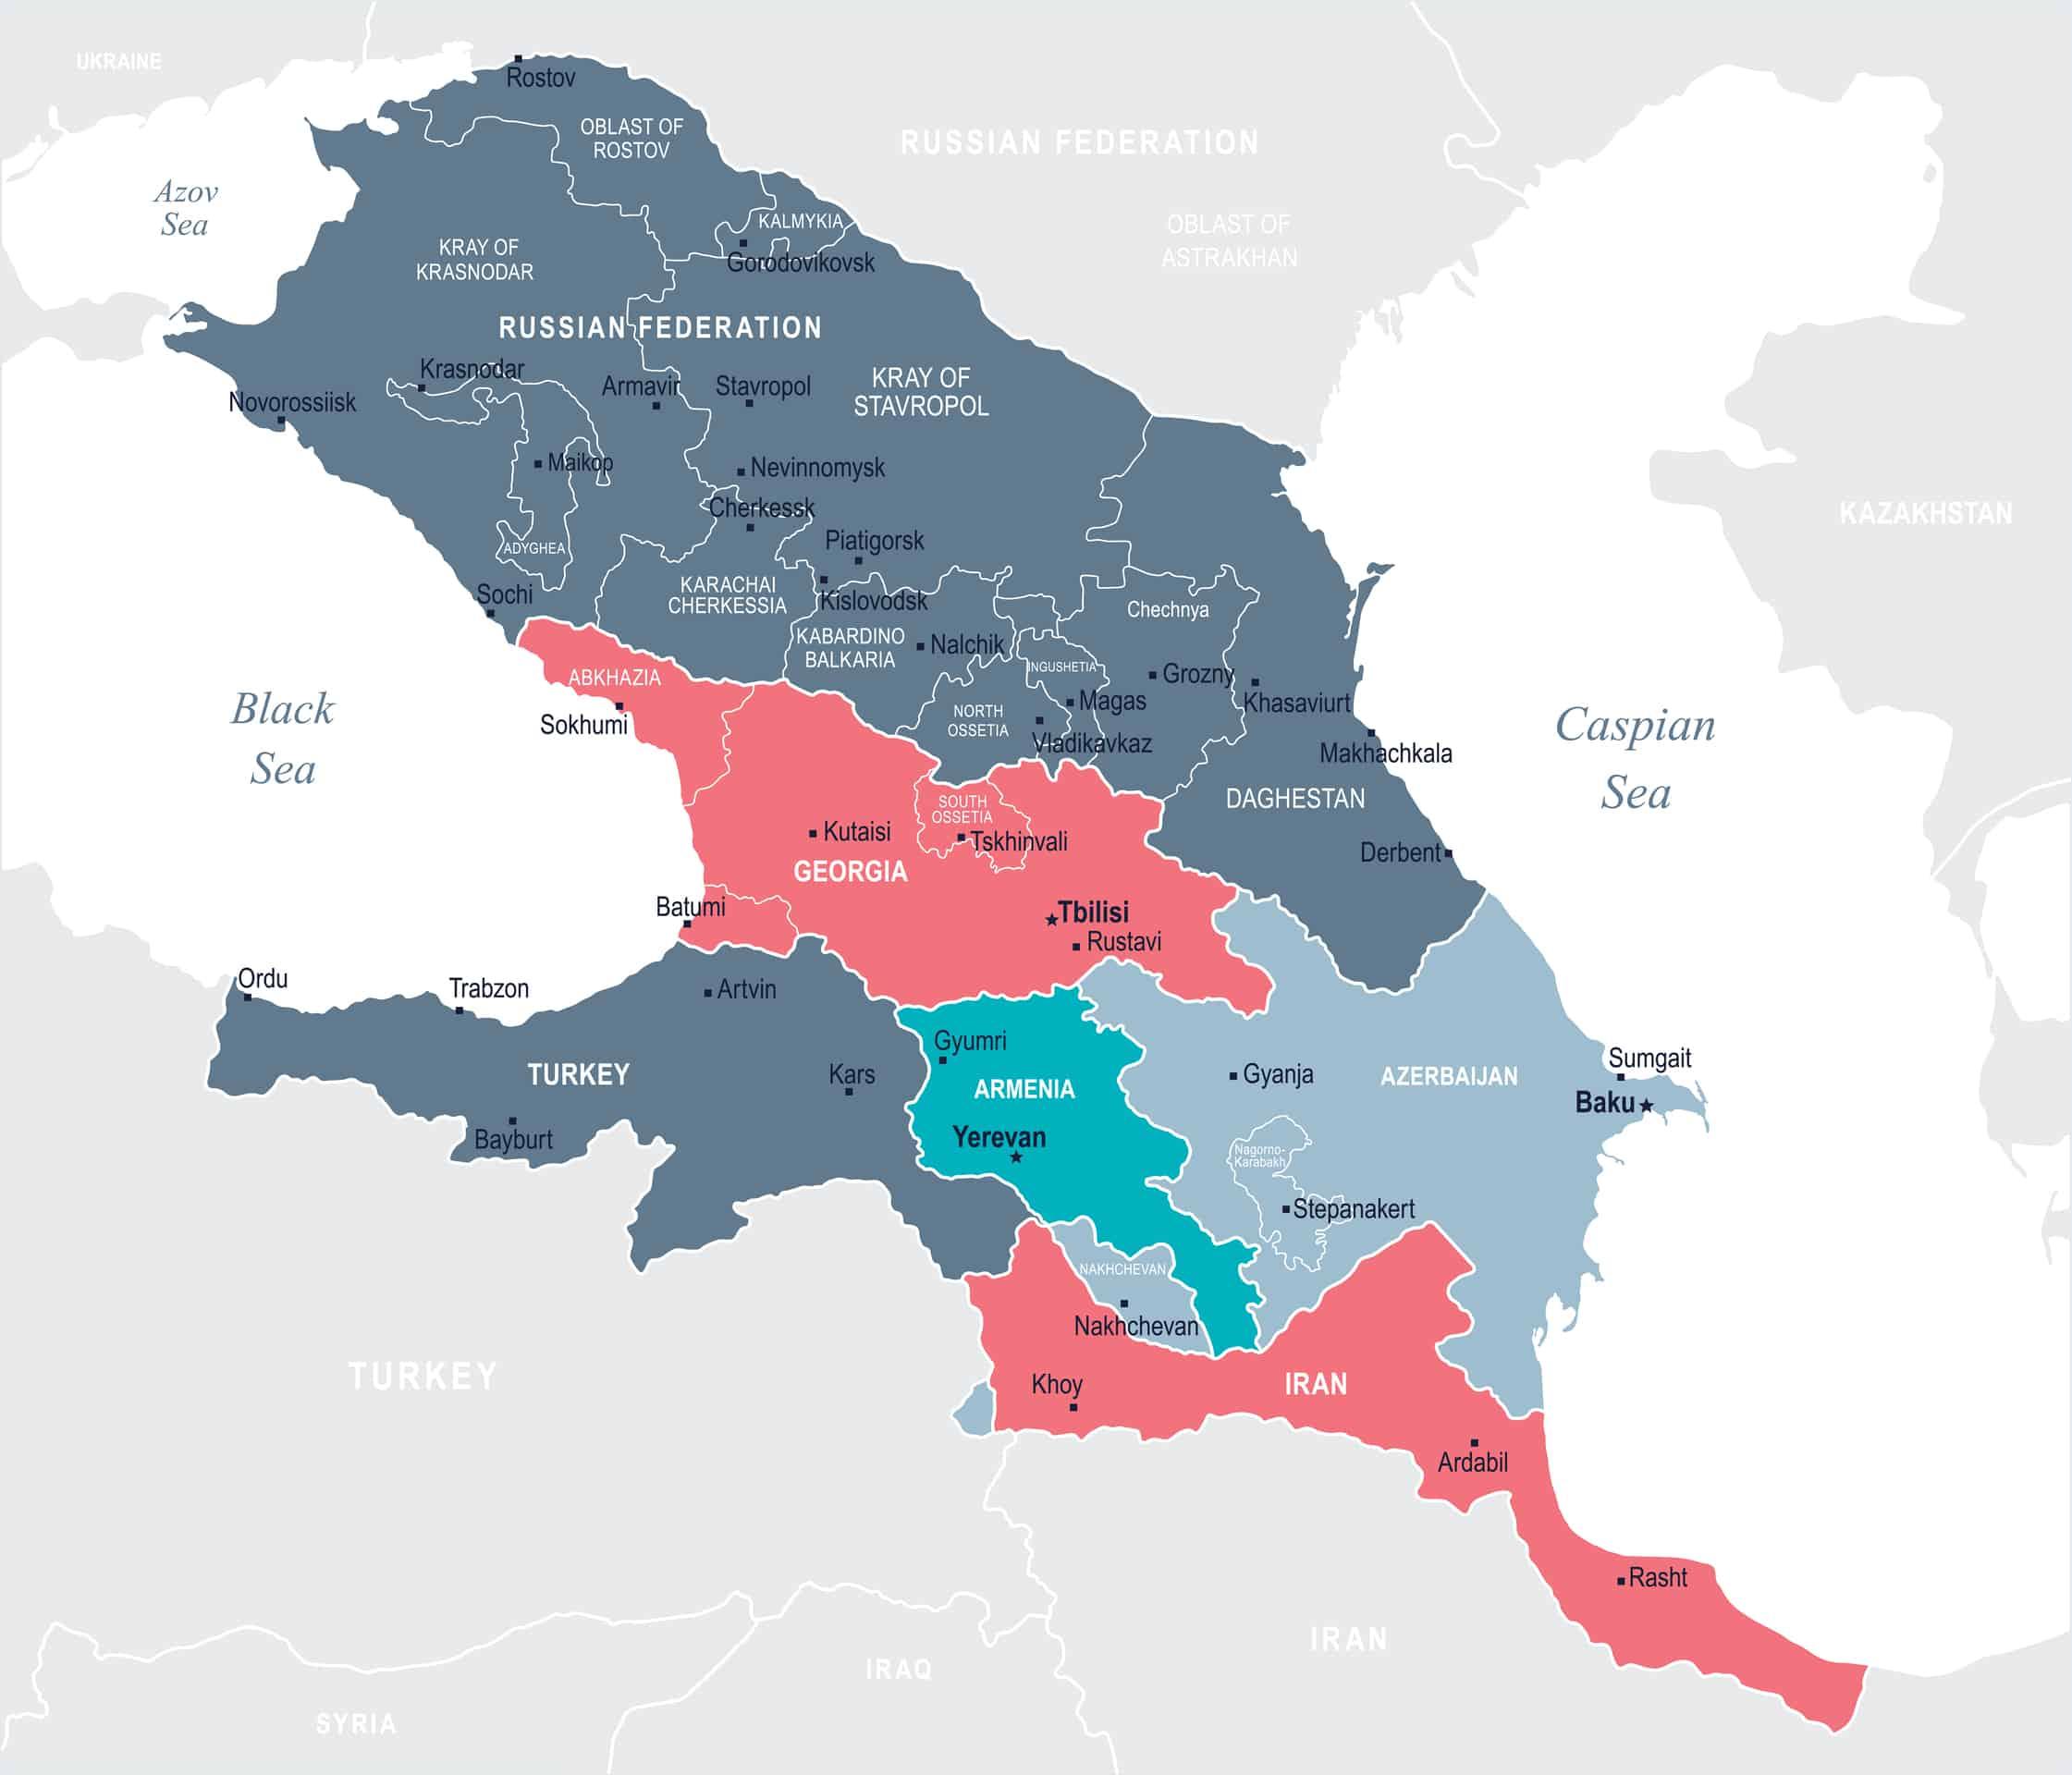 Caucasus Region Map